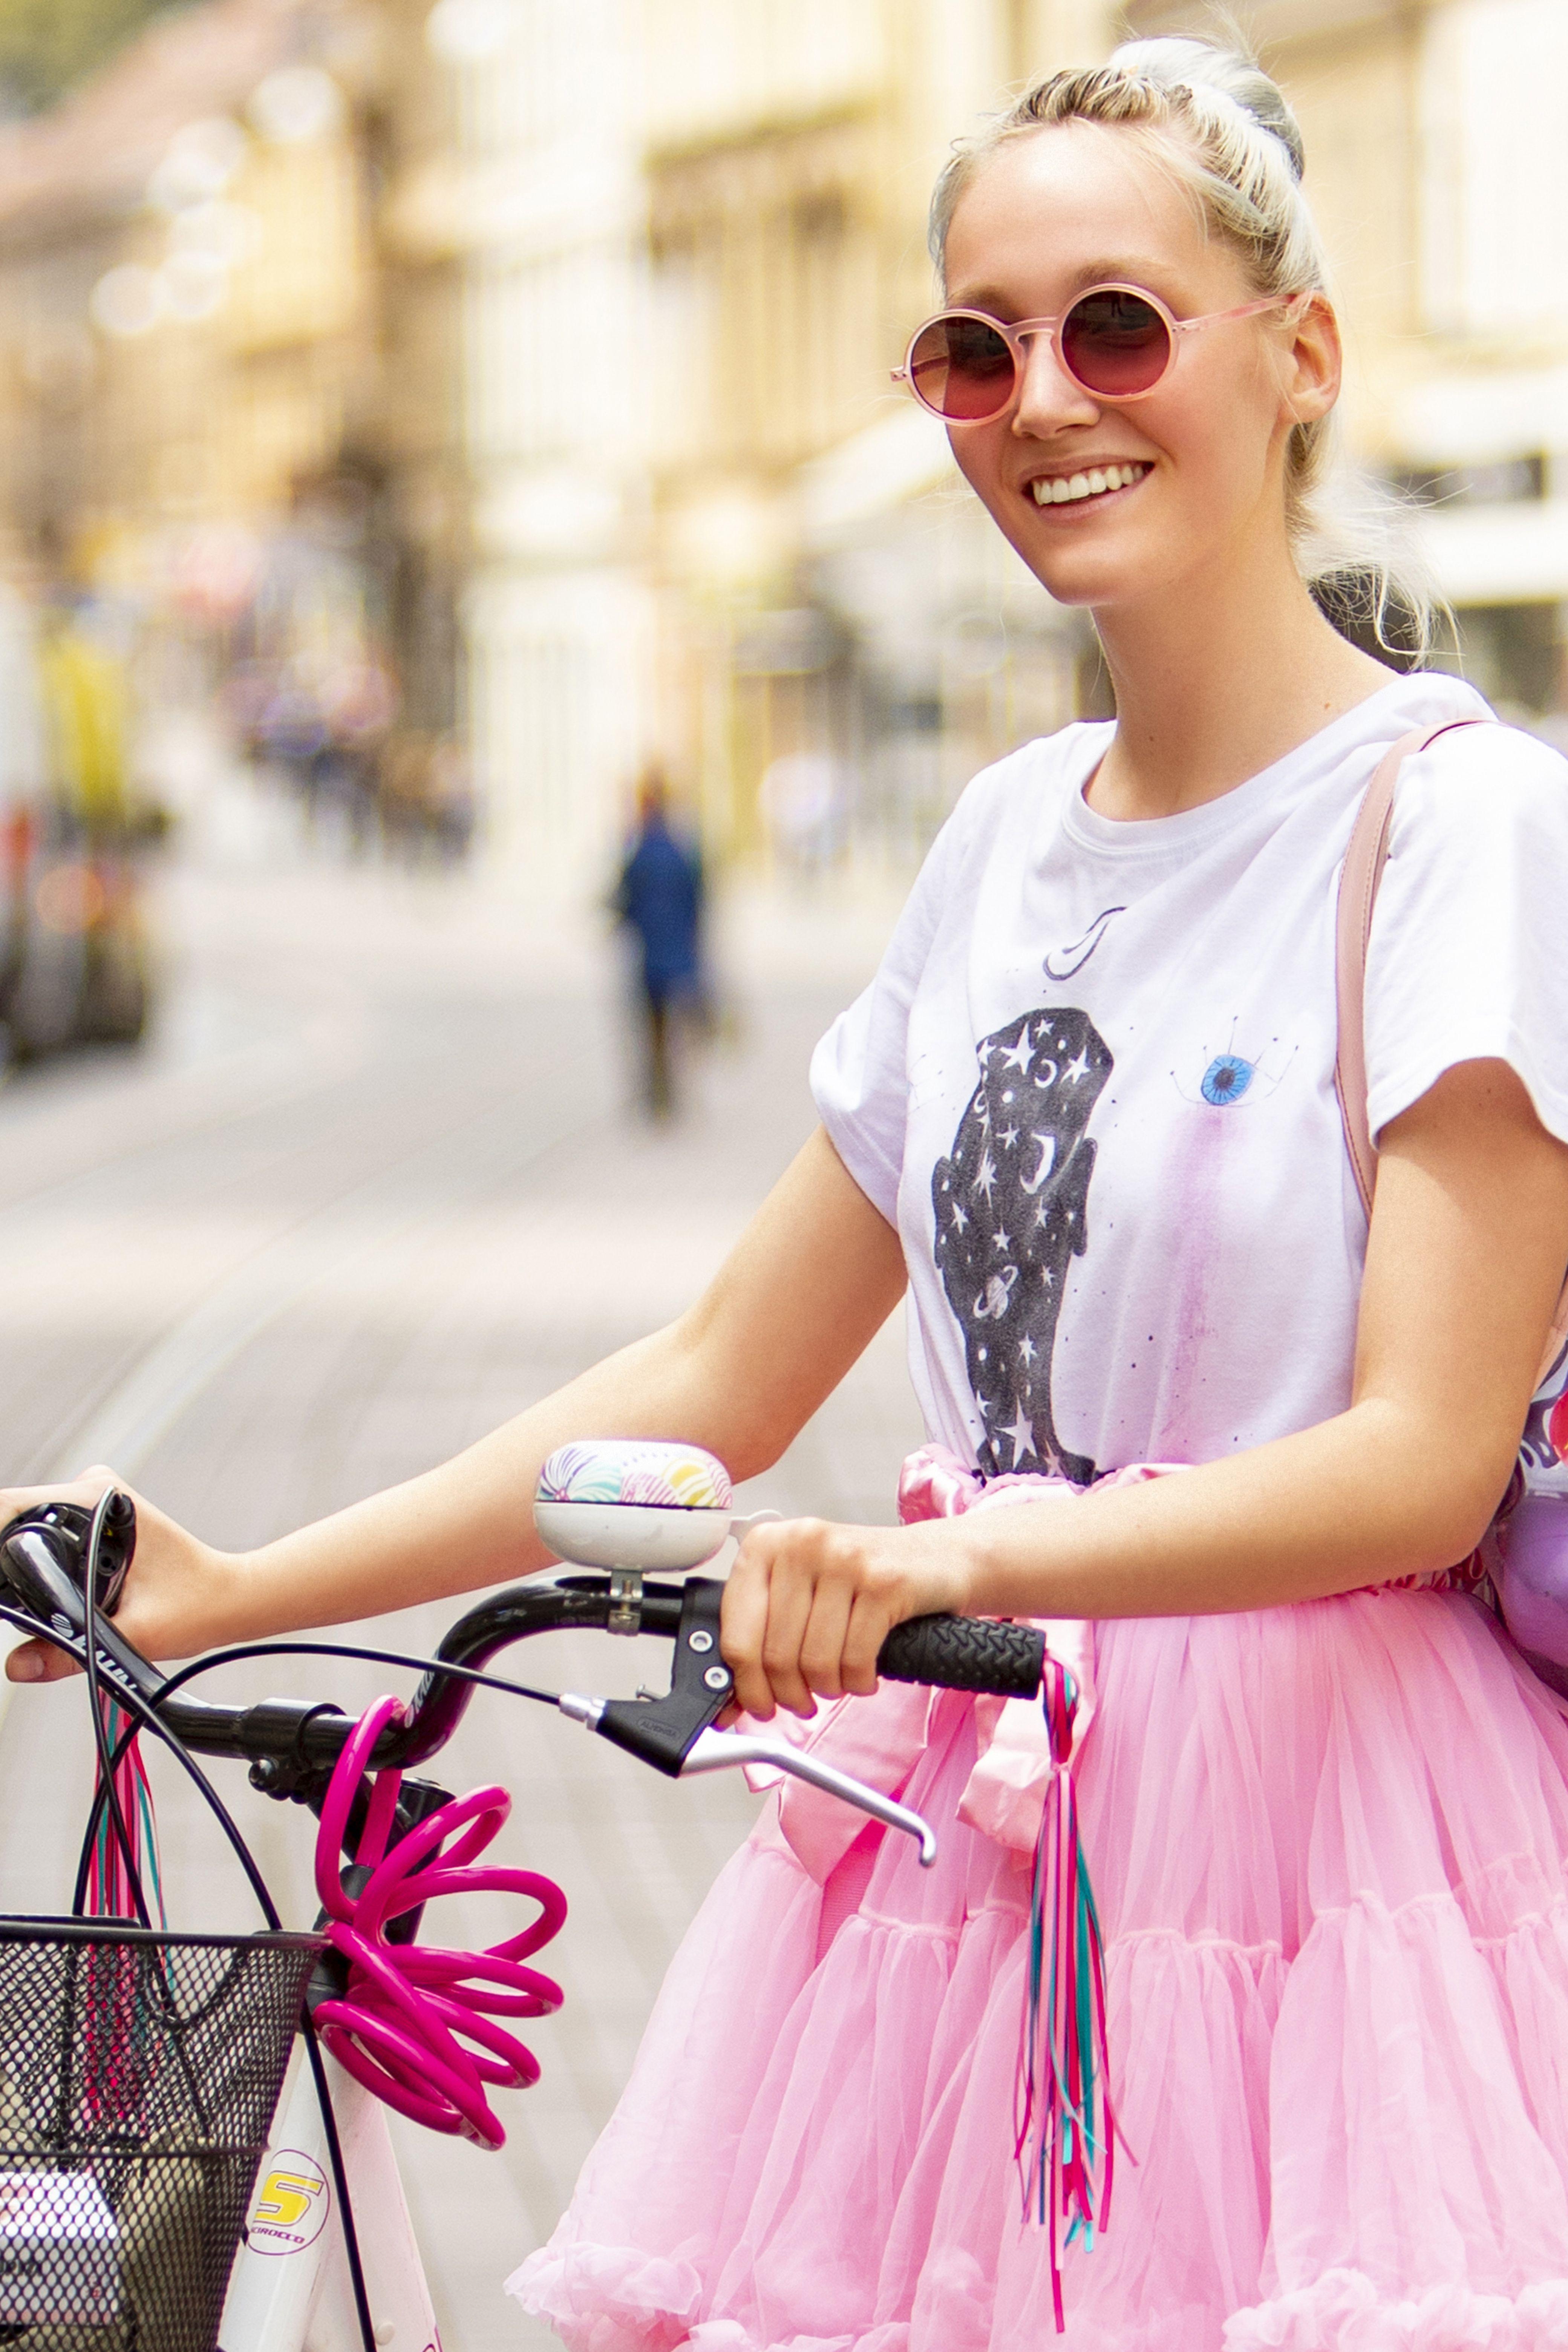 'Voljela bih imati bicikle u svim bojama da mi pašu uz svaki outfit'